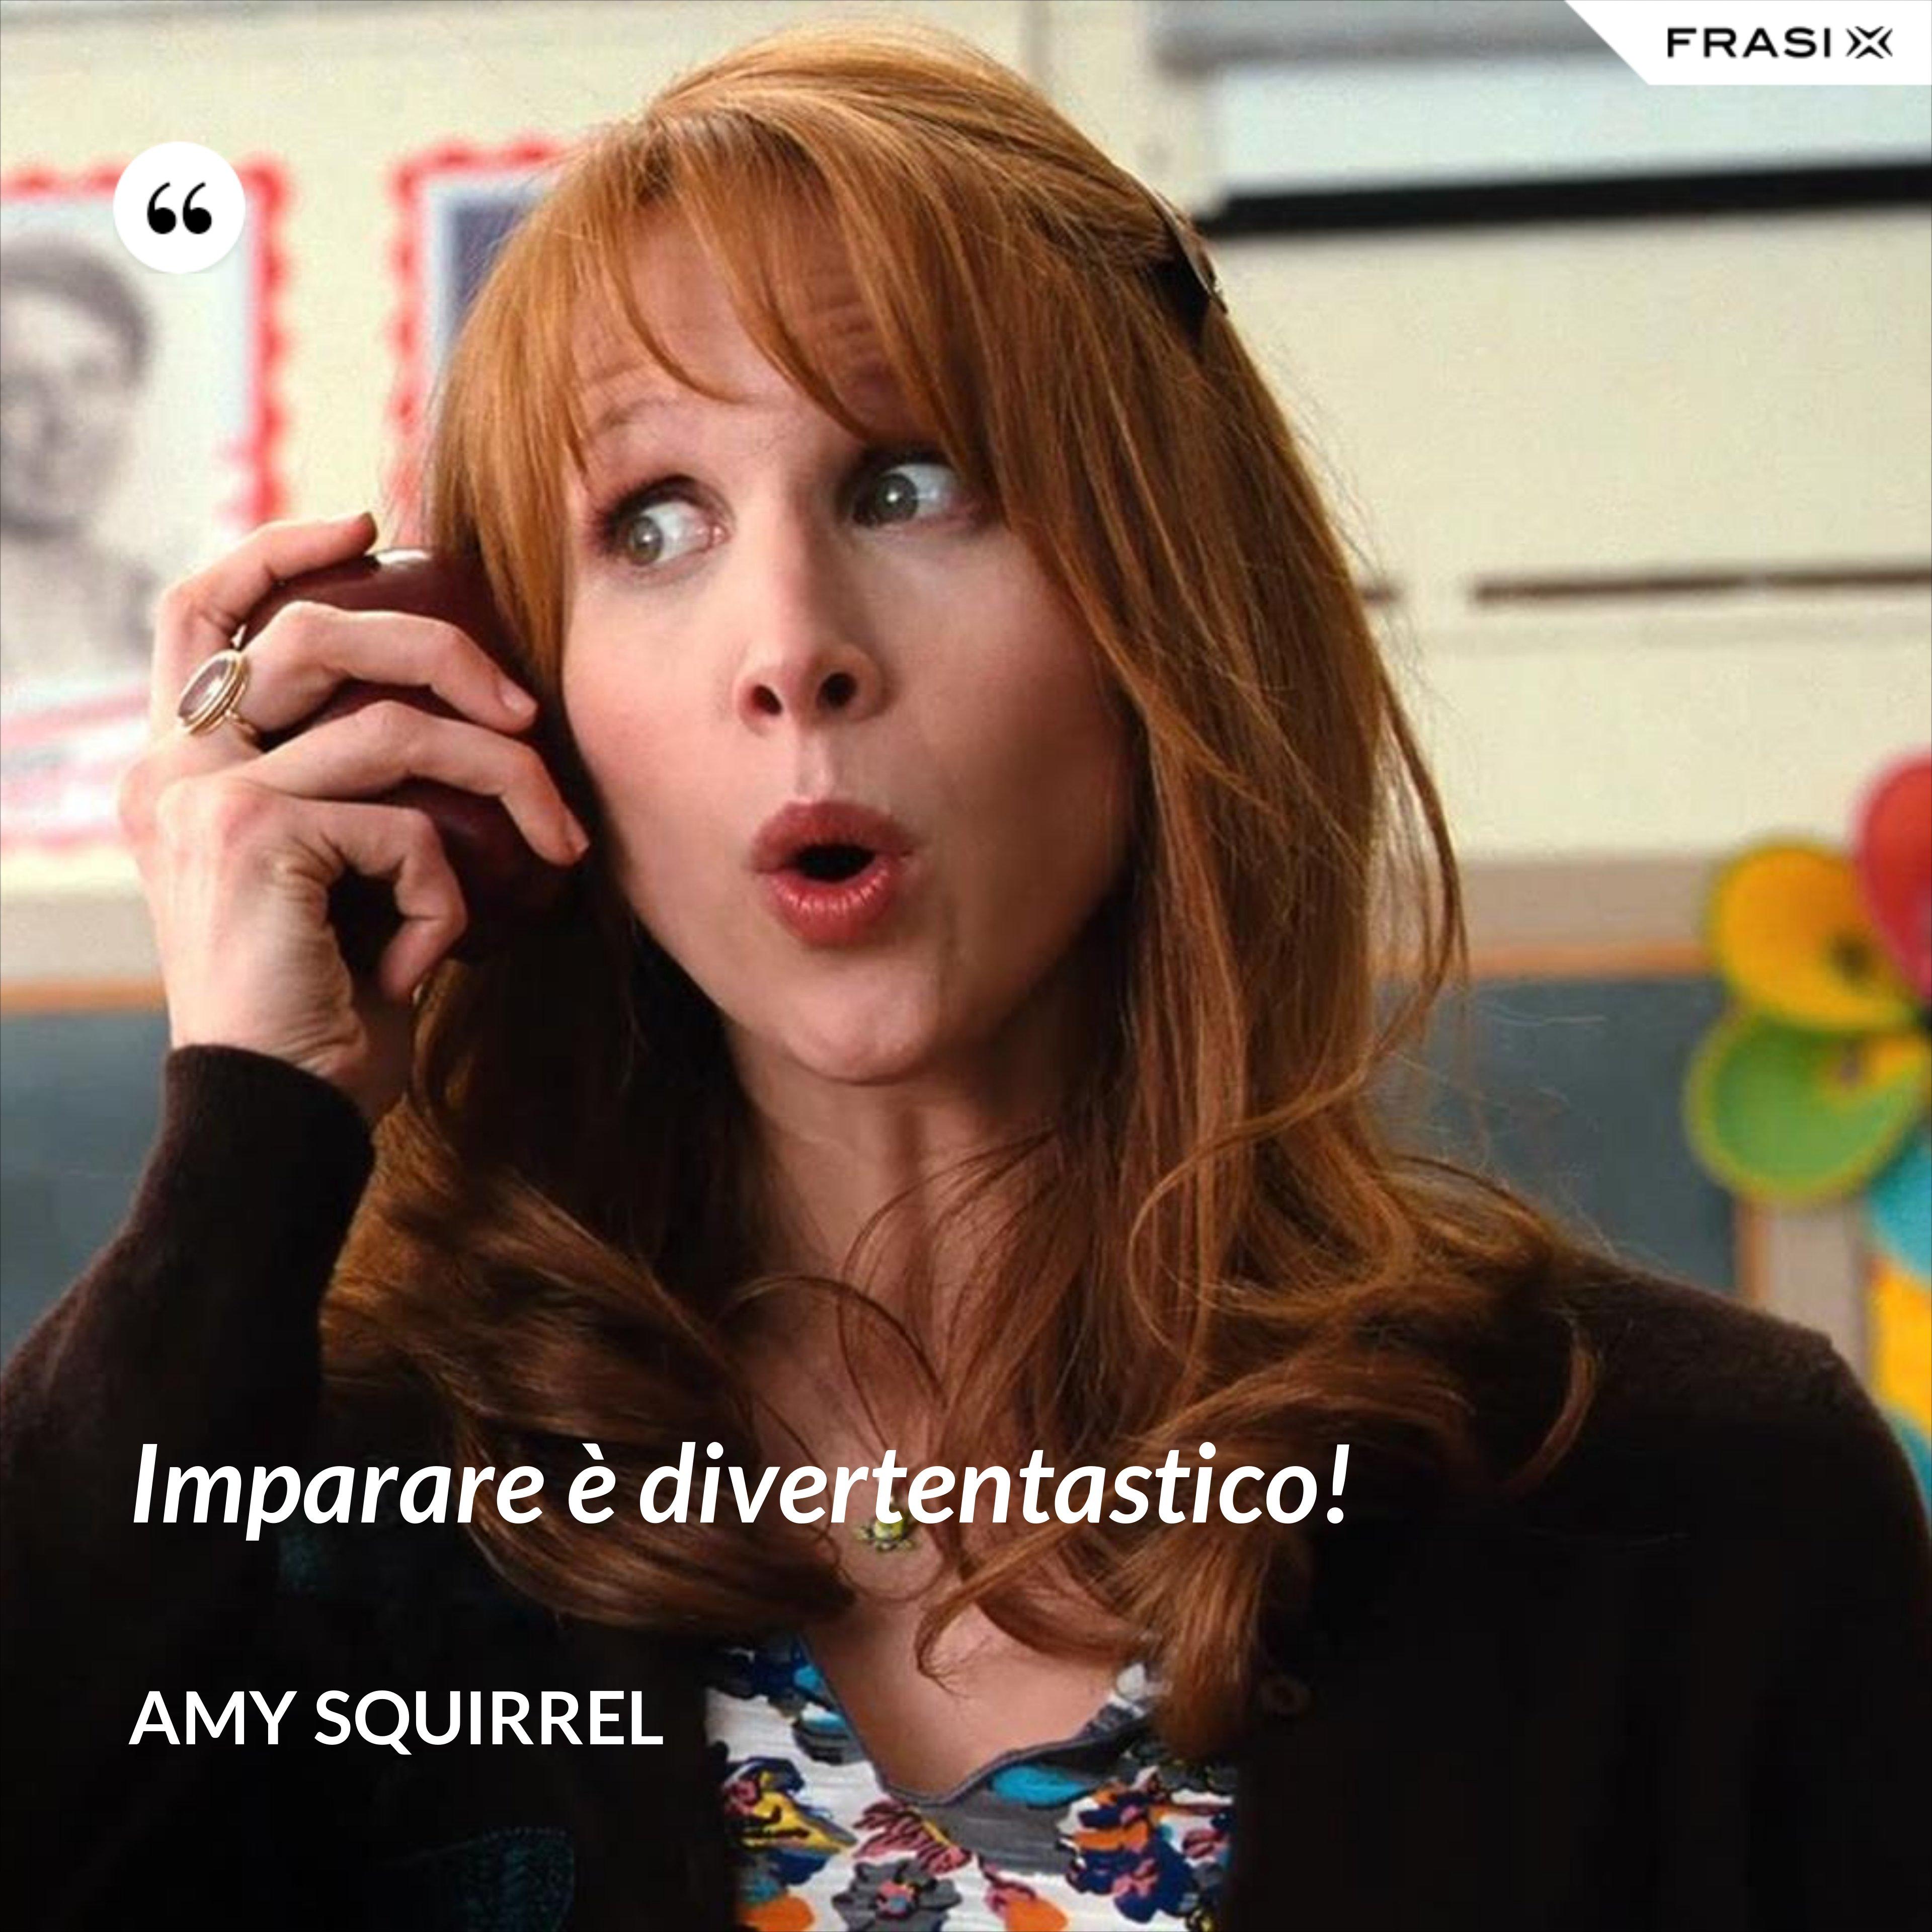 Imparare è divertentastico! - Amy Squirrel